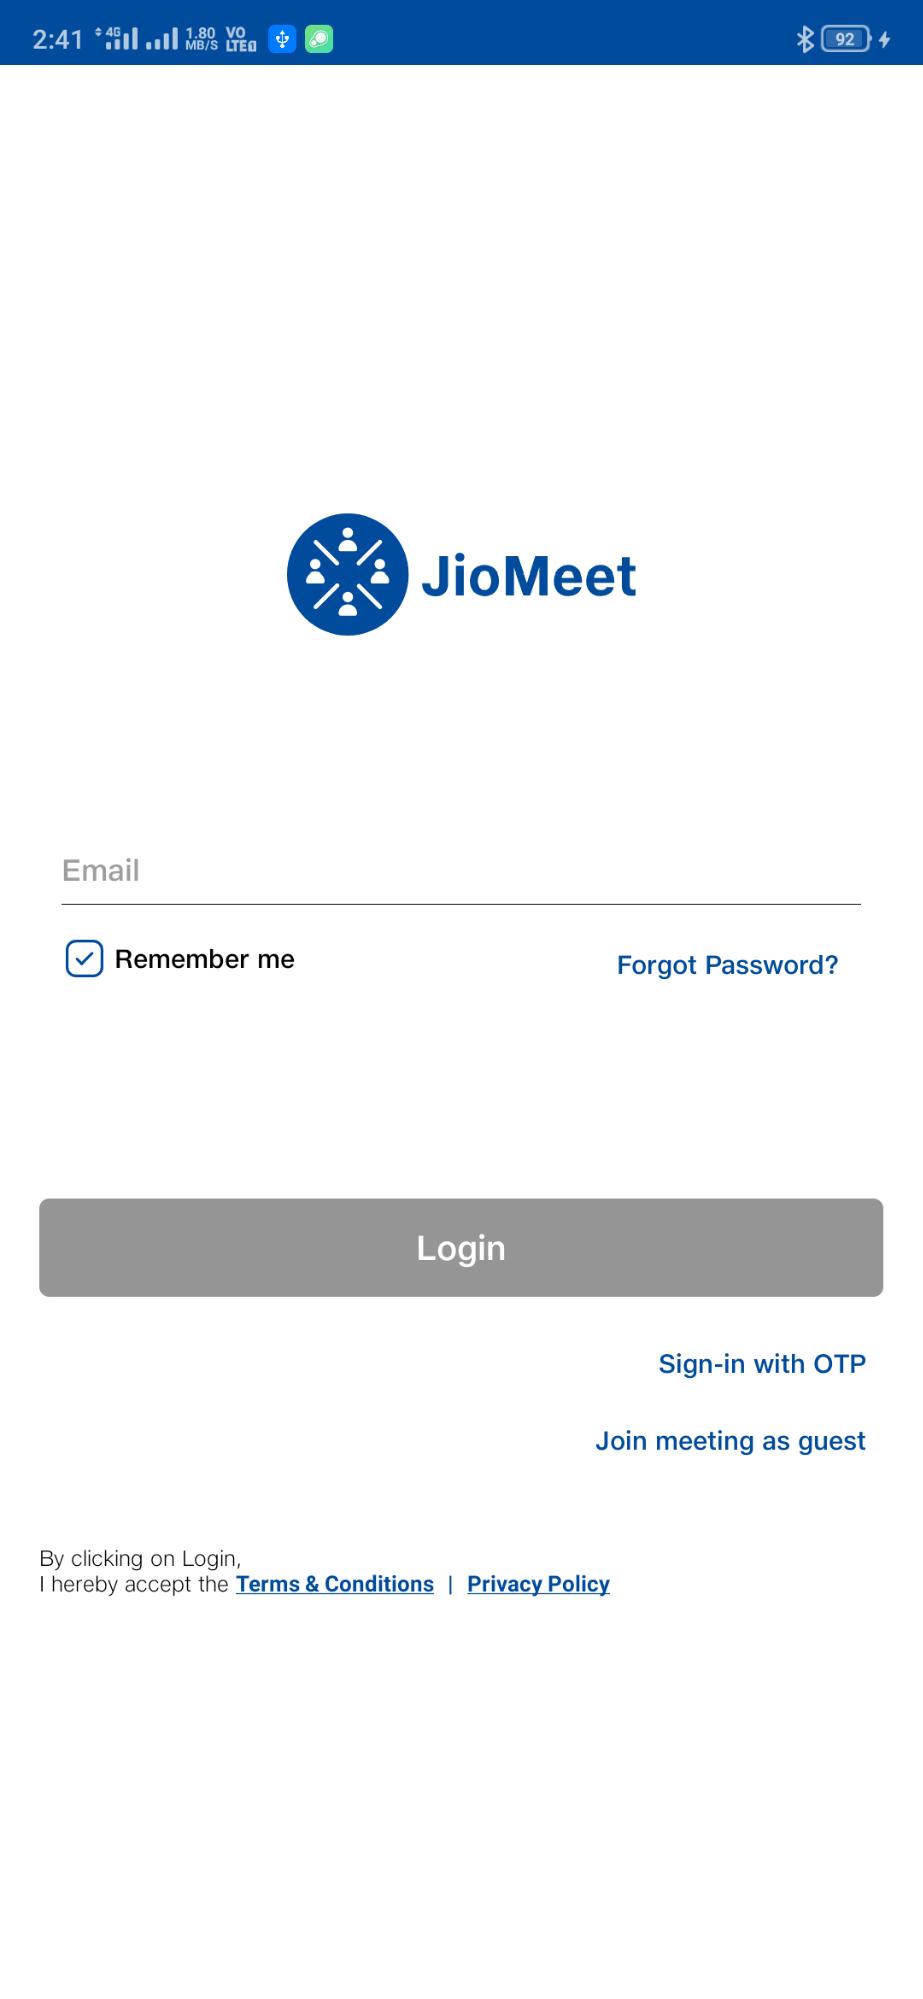 JioMeet Email